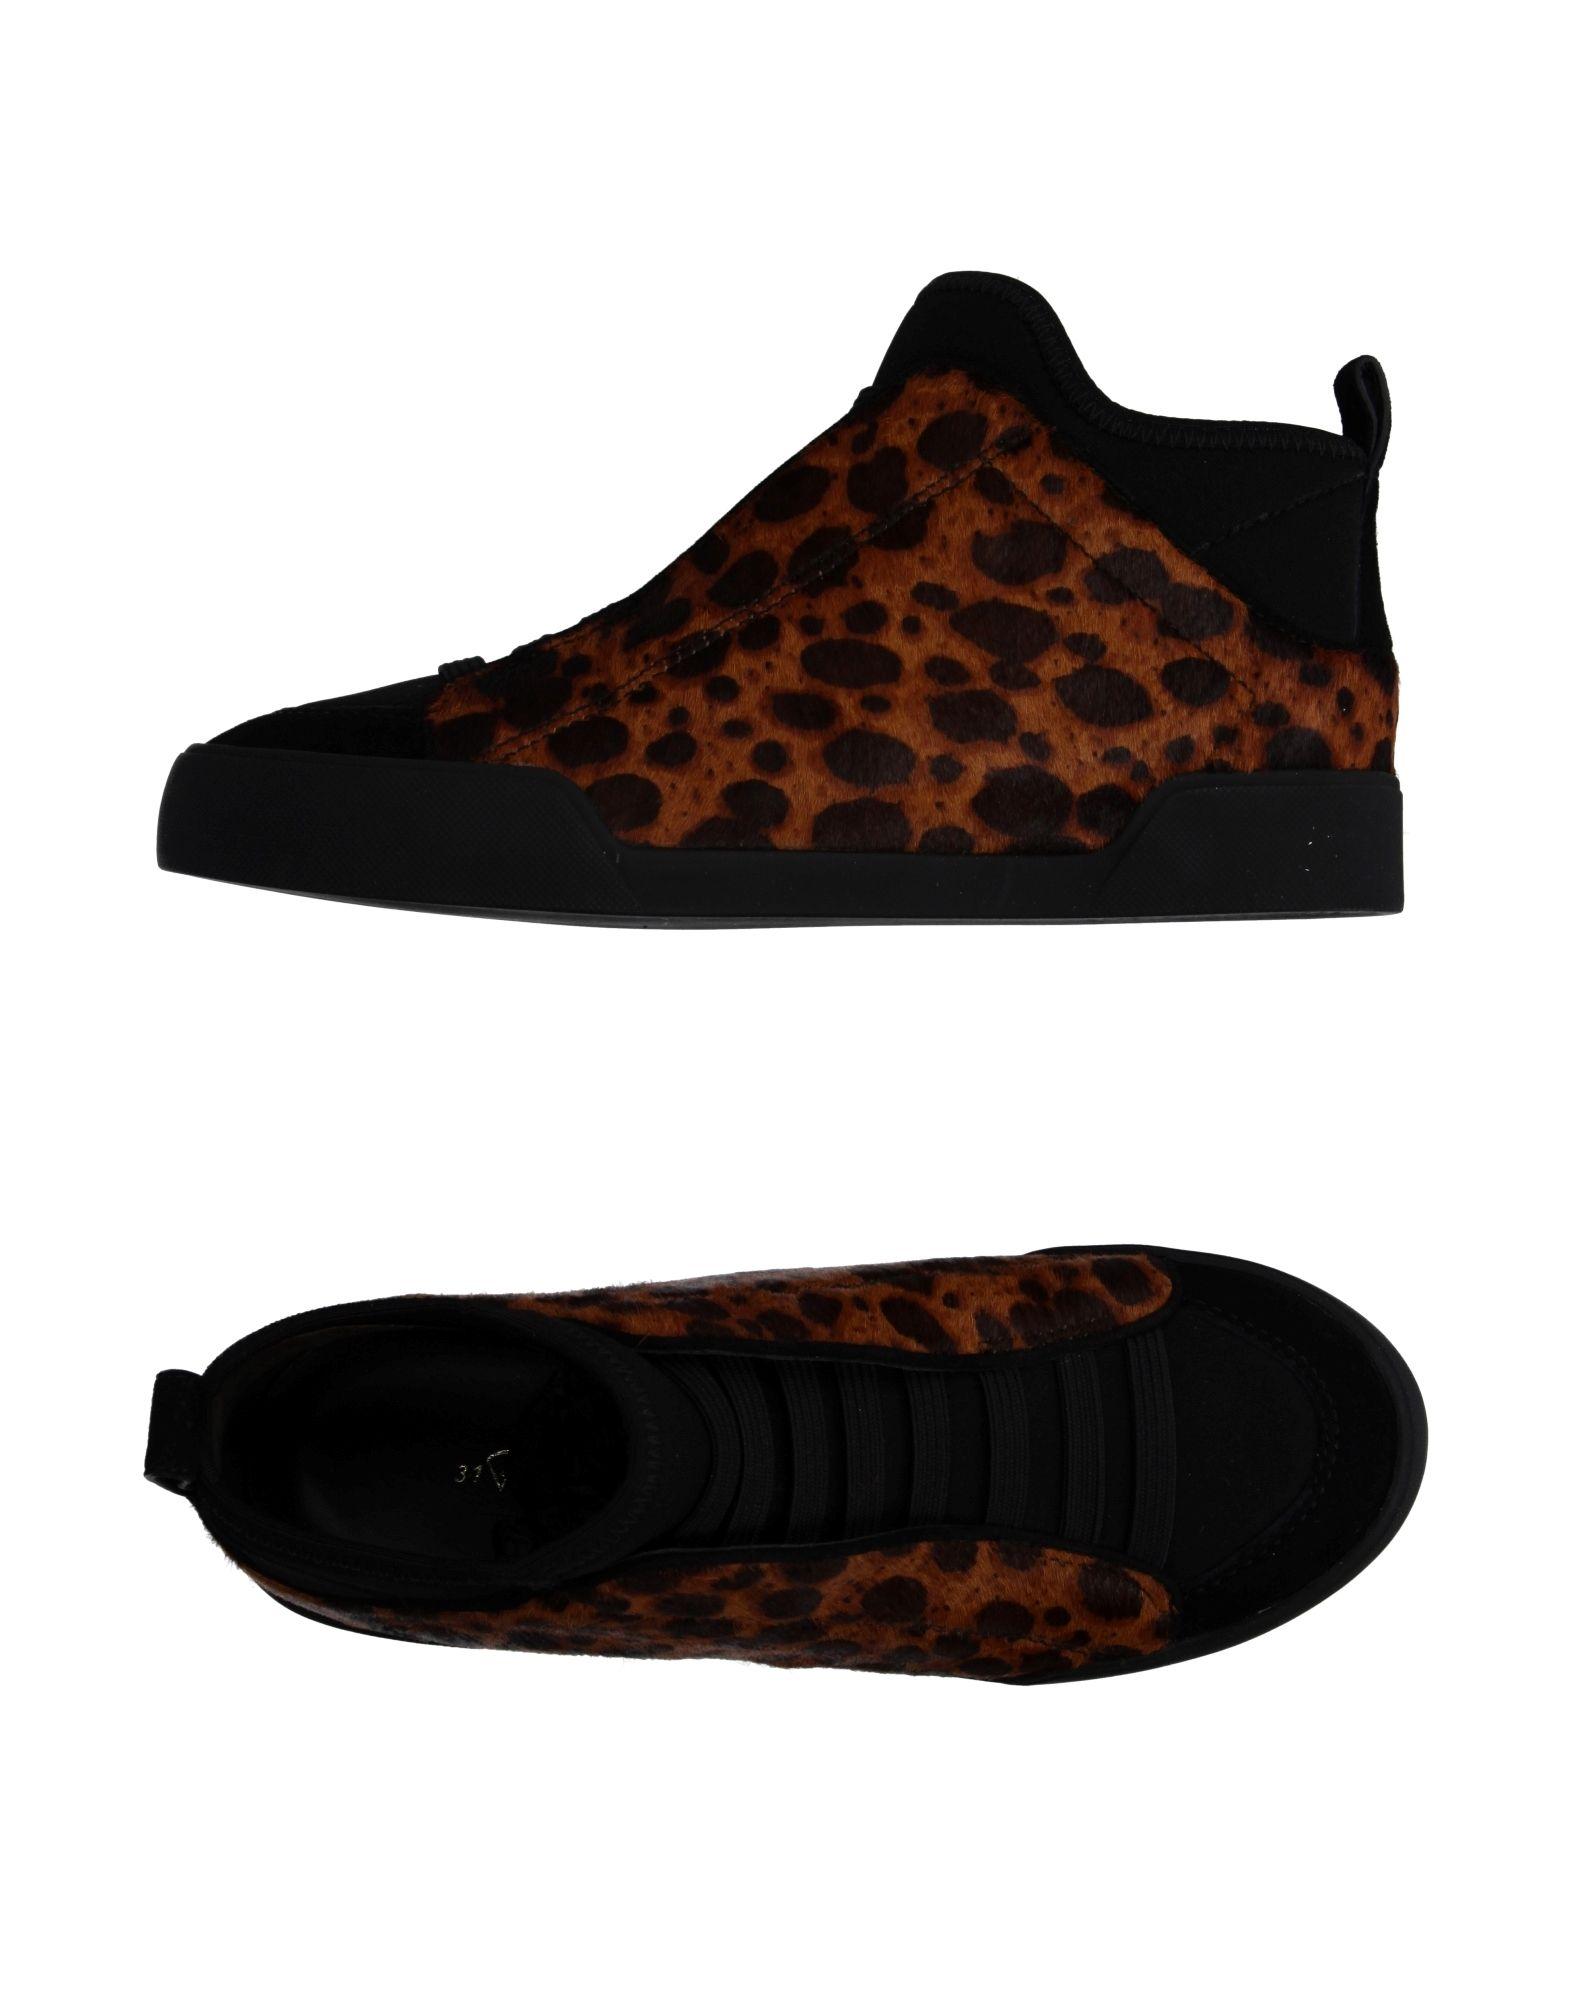 3.1 Damen Phillip Lim Sneakers Damen 3.1  11054681WMGut aussehende strapazierfähige Schuhe 76606c